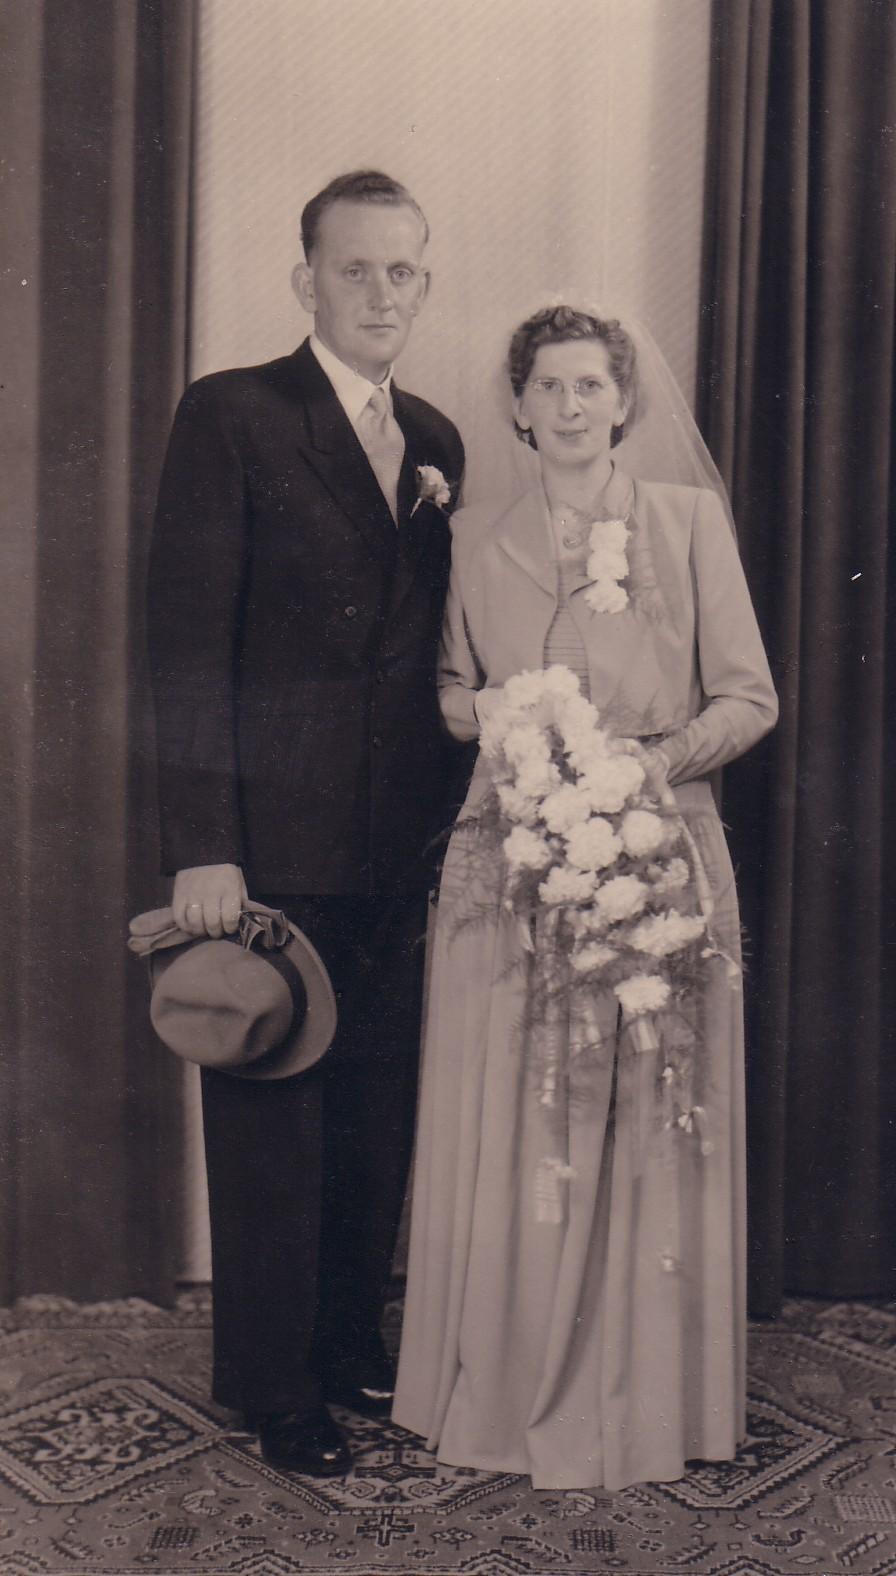 Huwelijk Albert Breedijk en Elizabeth Keijzer (1951)